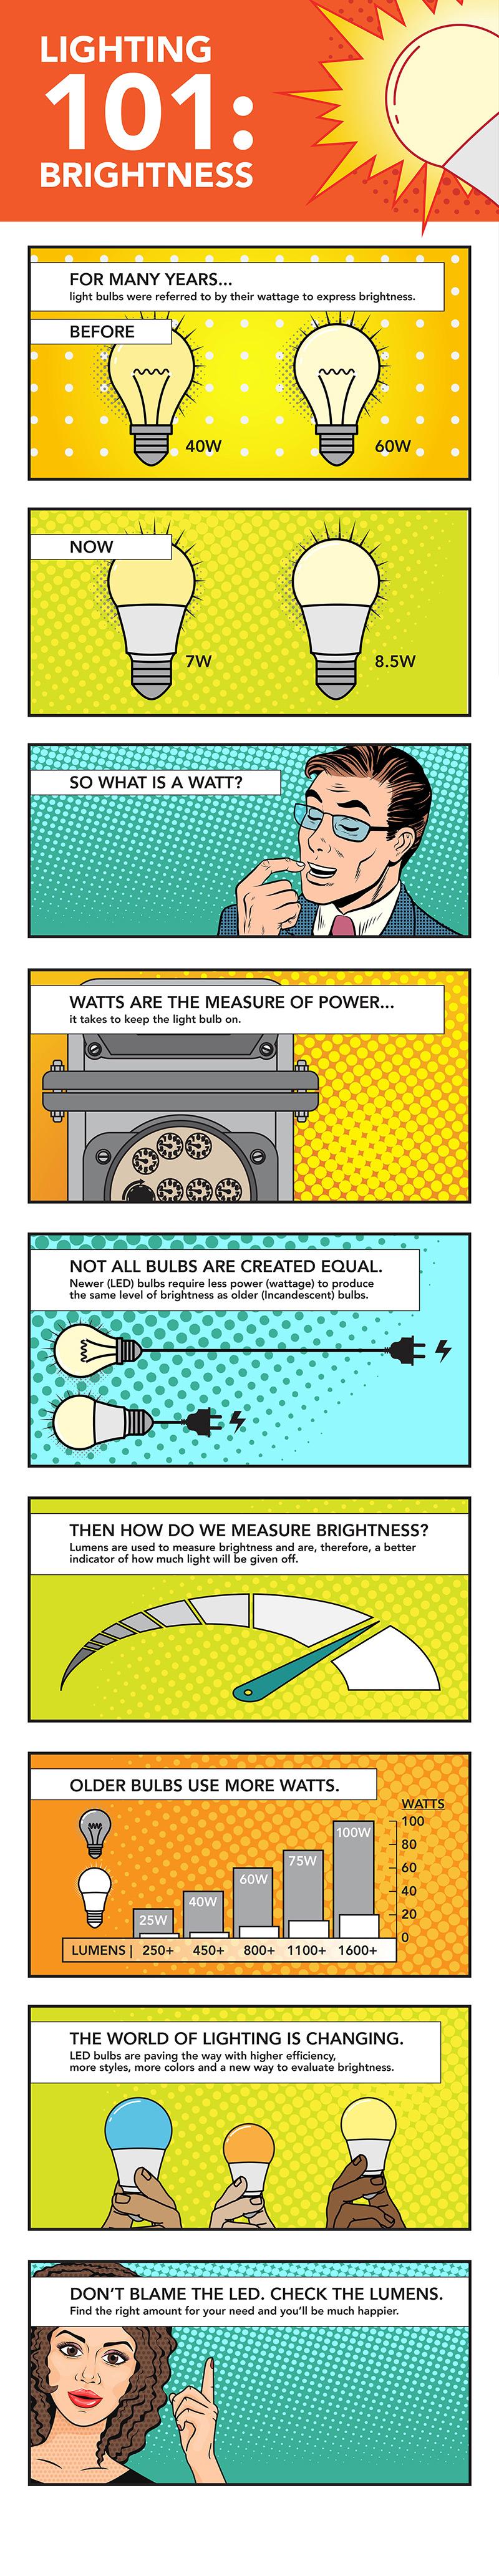 Lighting 101: Brightness infographic